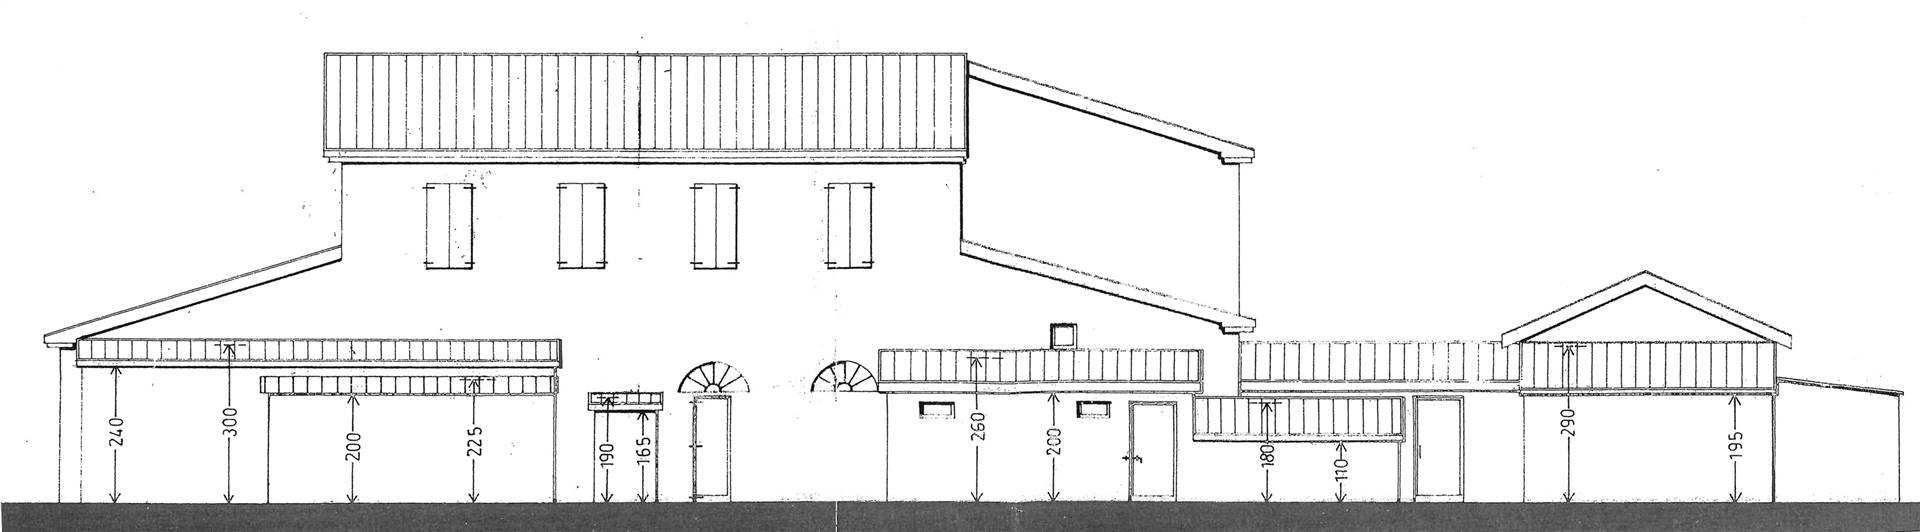 Rustico / Casale in vendita a Bellaria Igea Marina, 14 locali, zona Zona: Bellaria, prezzo € 270.000 | CambioCasa.it